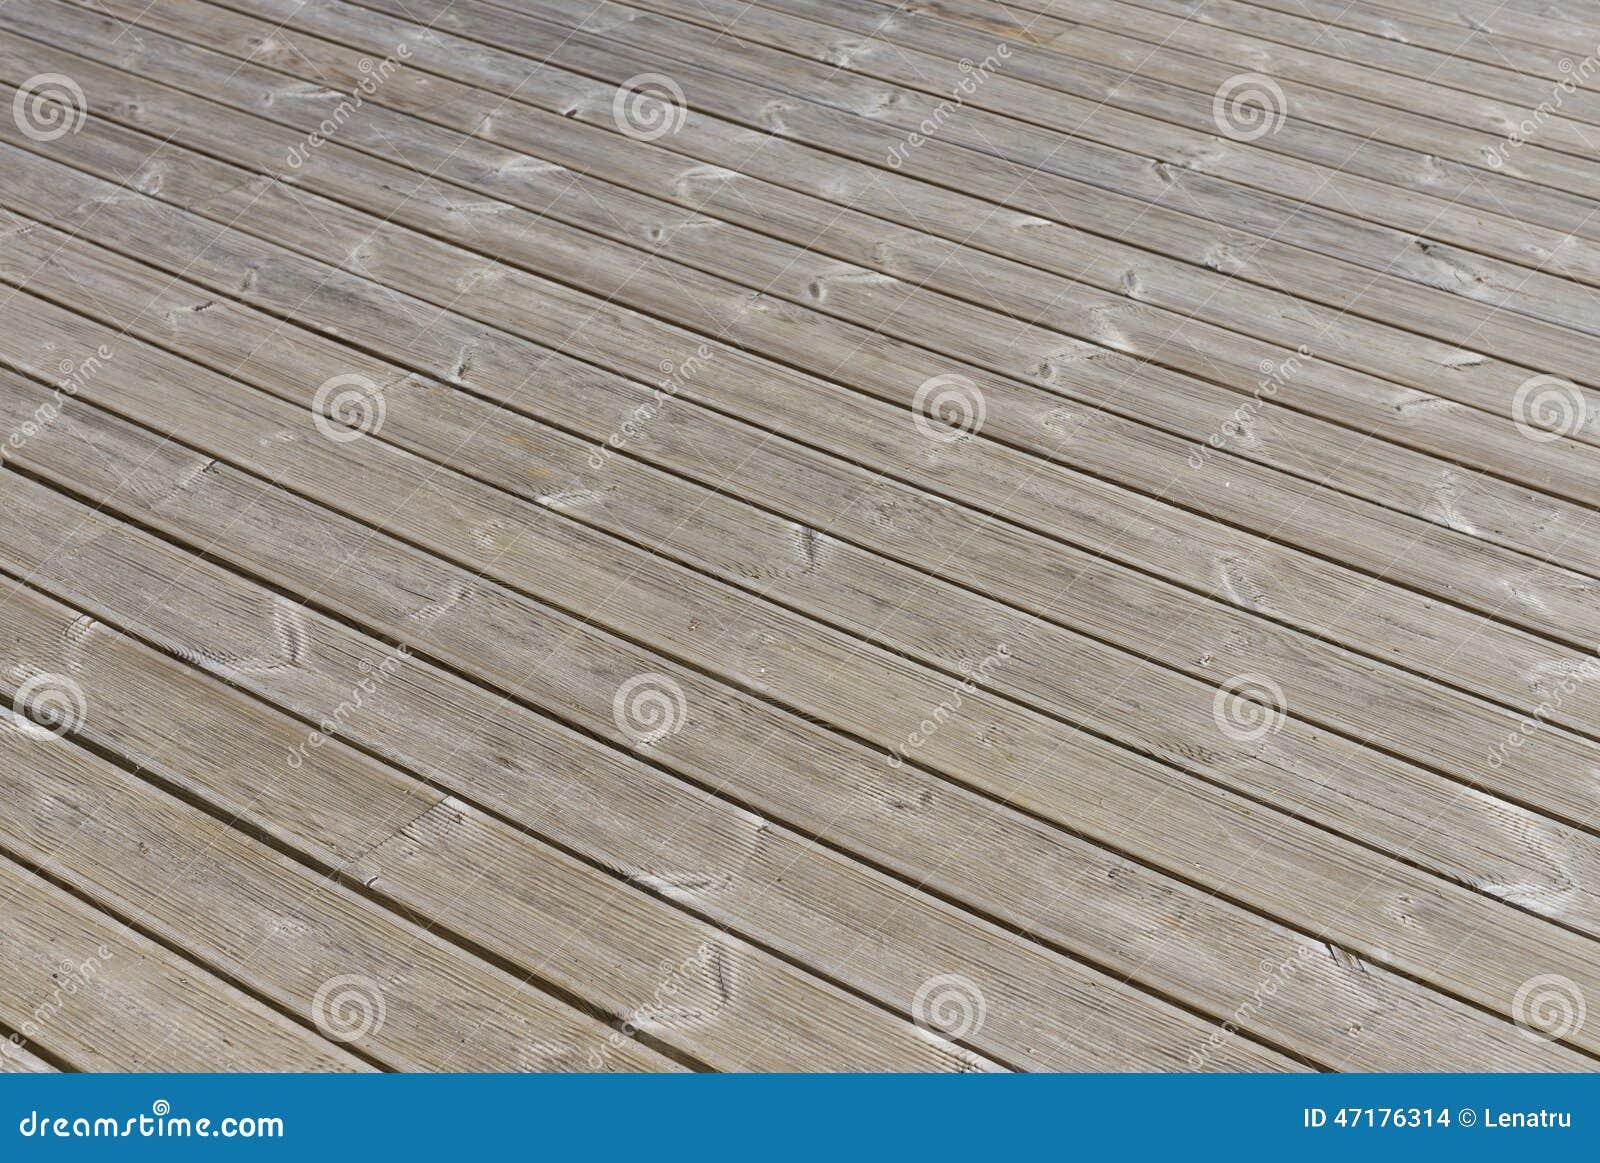 Plancher bois terrasse exterieur cheap terrasse cumaru for Plancher bois pour terrasse exterieur